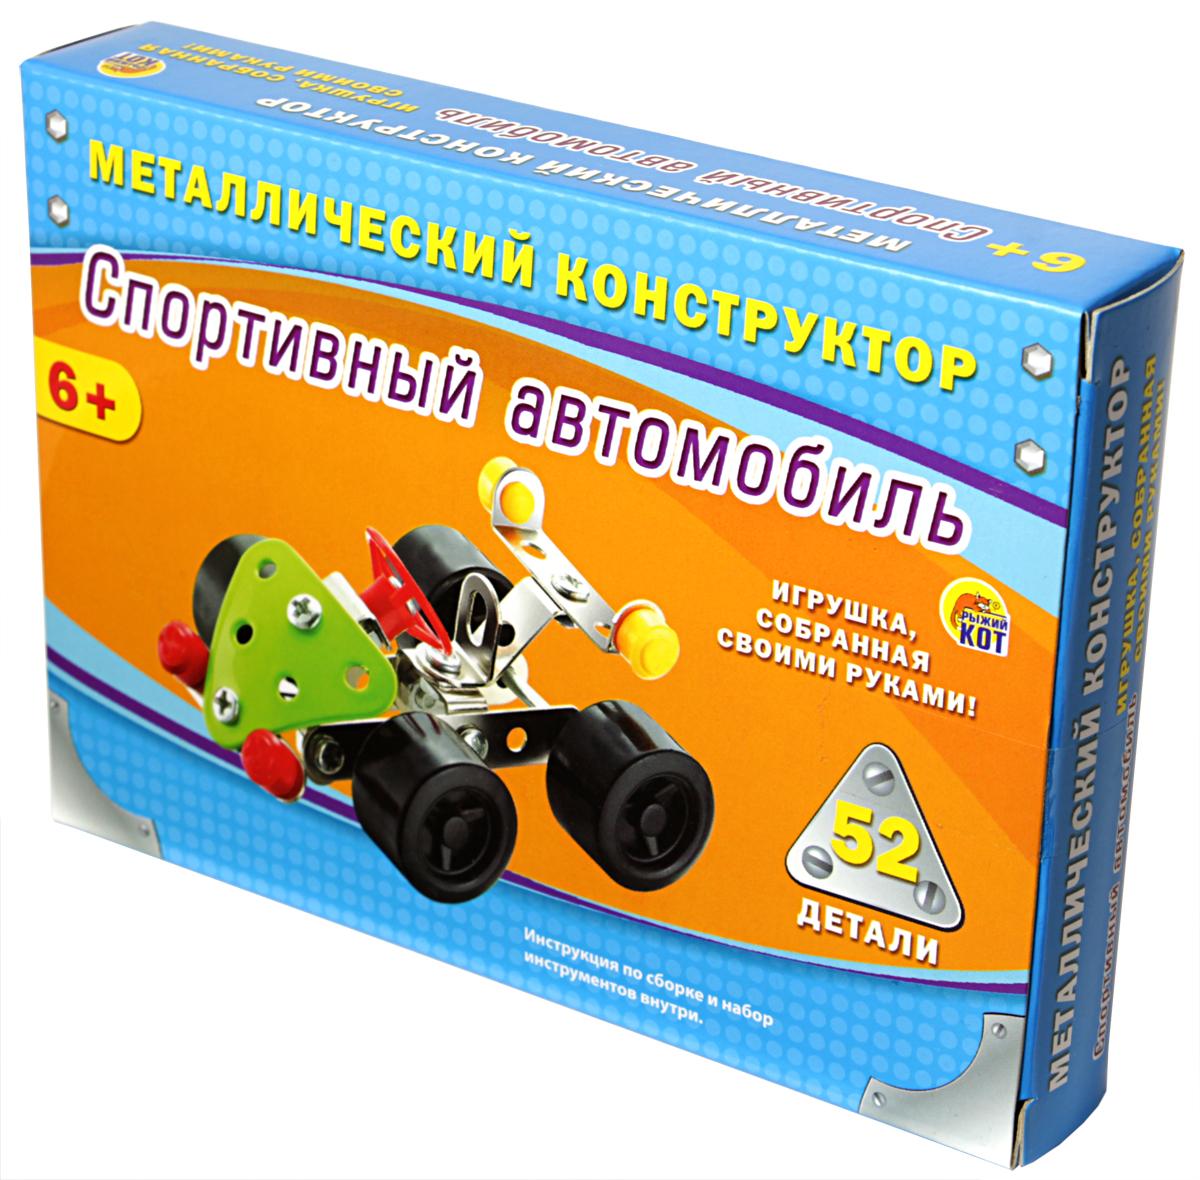 Рыжий Кот Конструктор Спортивный автомобиль